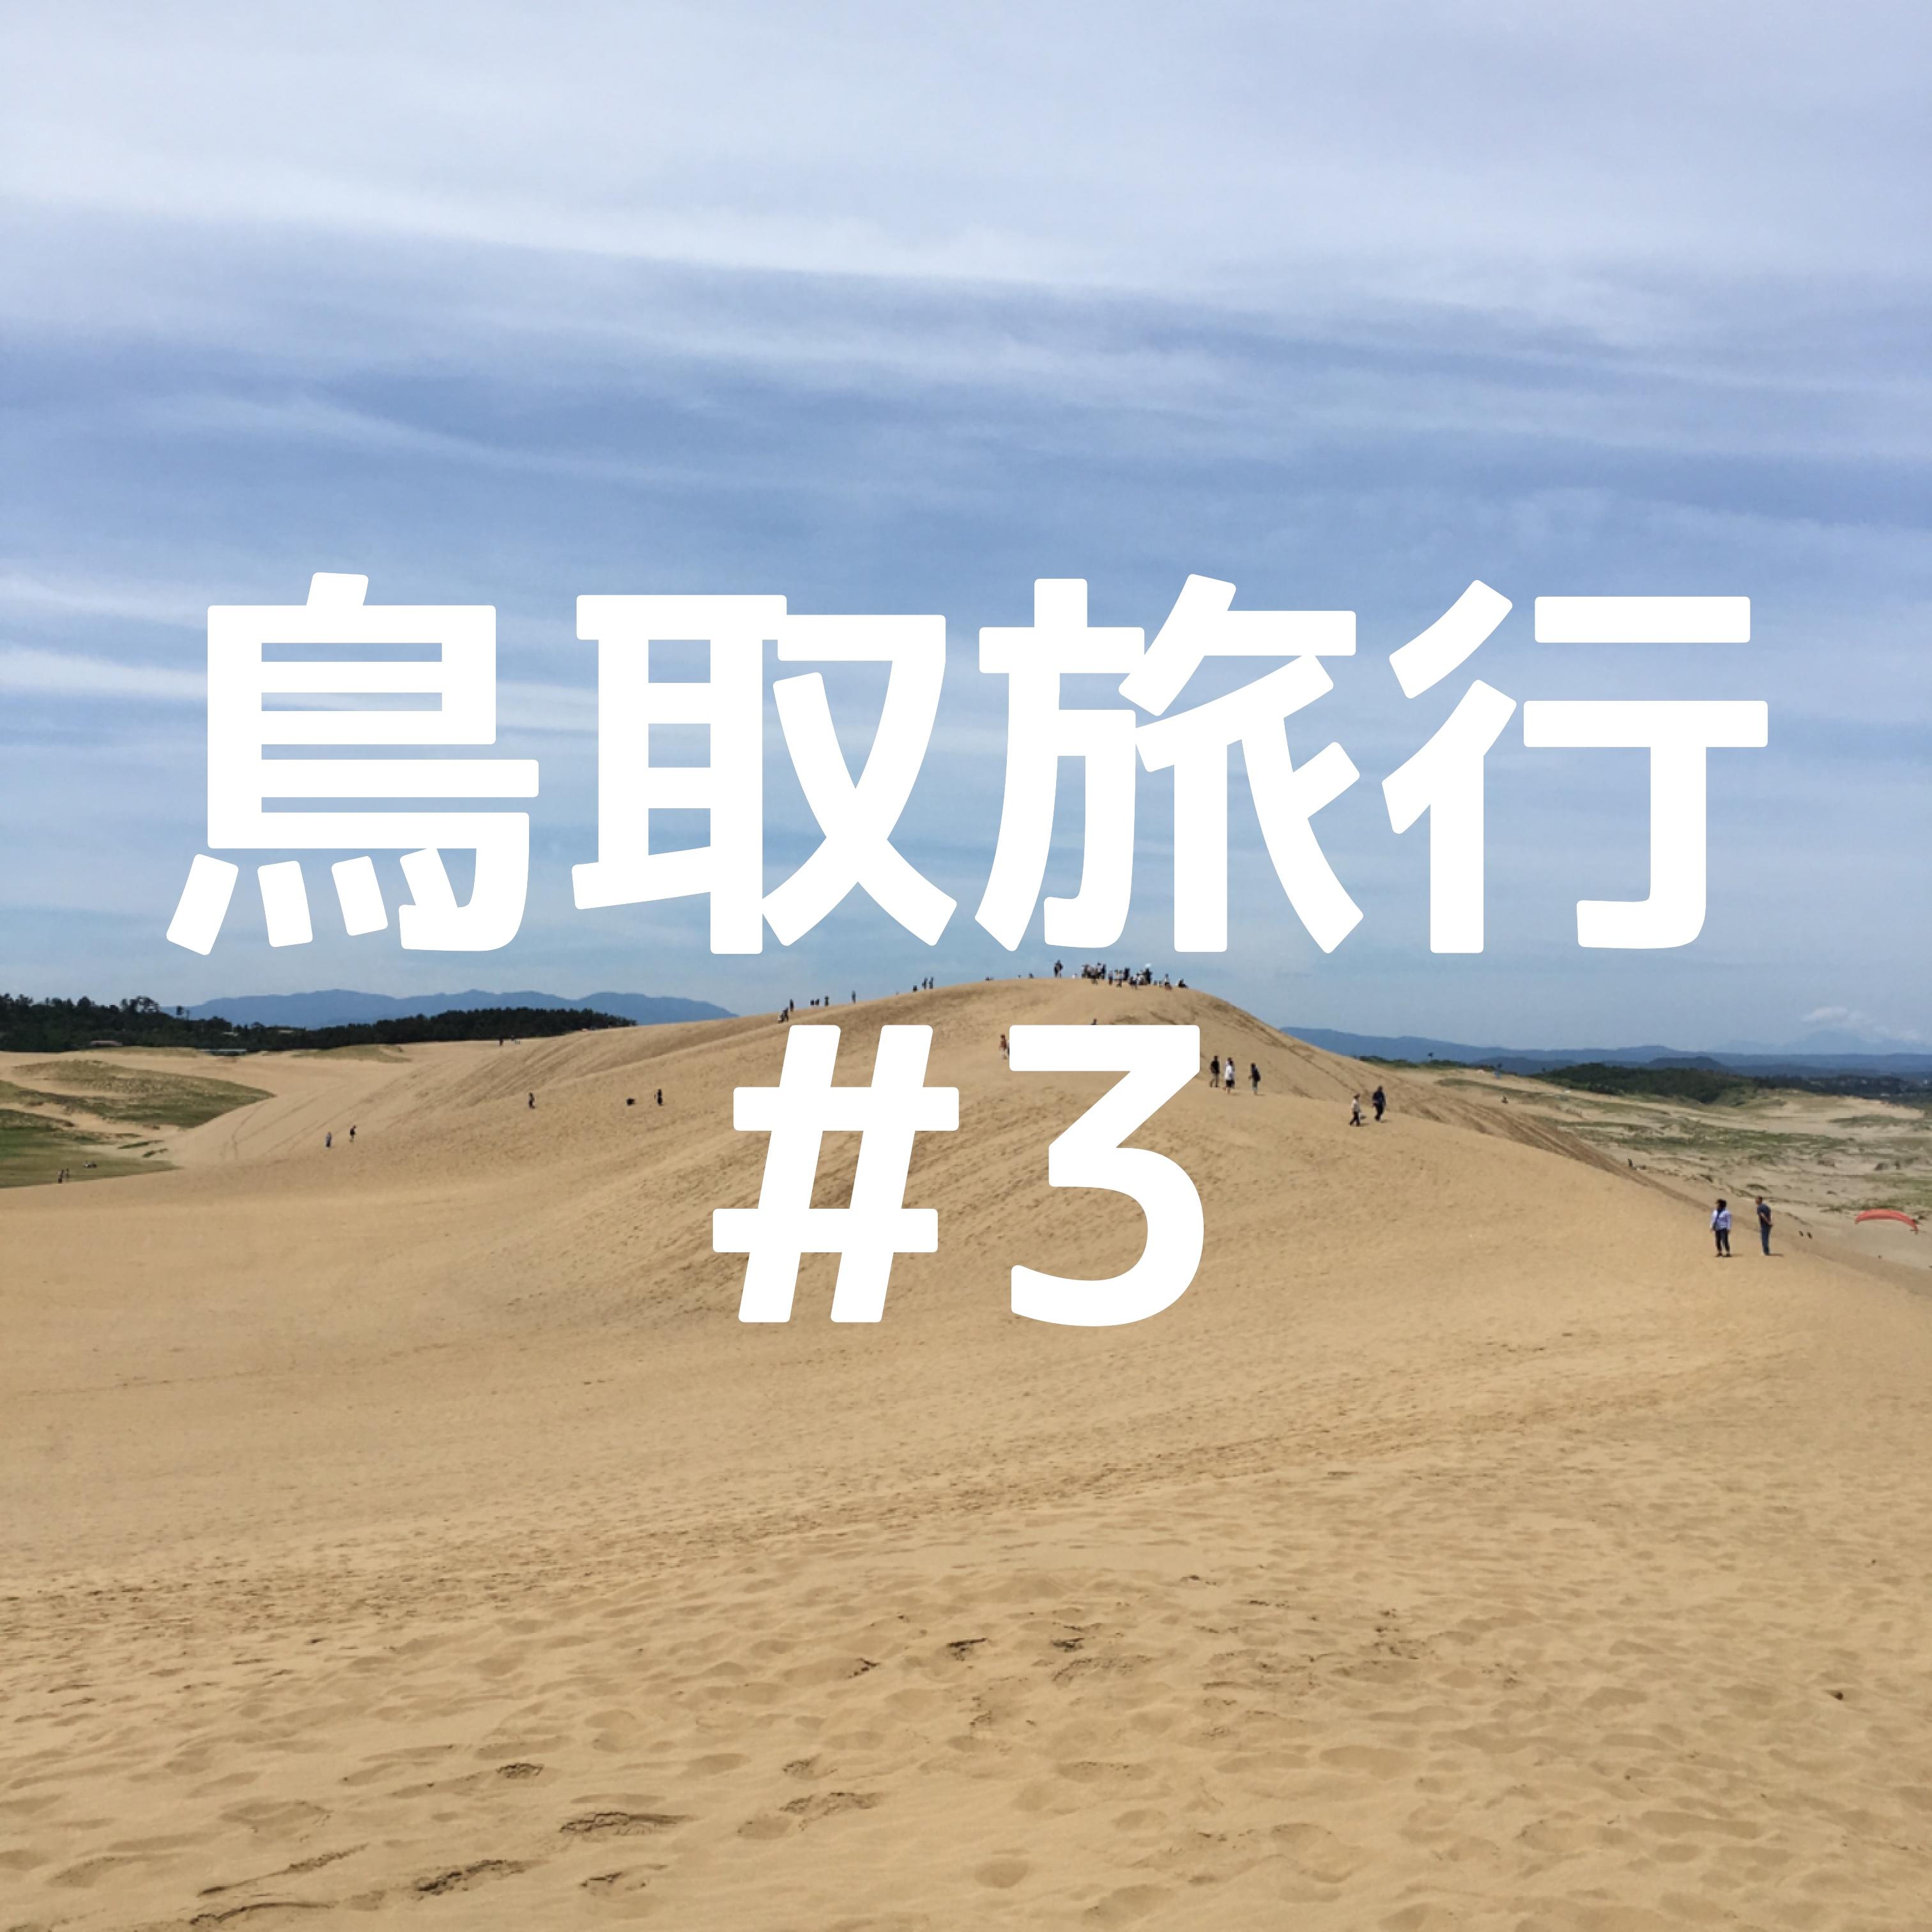 ボード サンド 鳥取砂丘でサンドボード!日本海に向かって降りるスノボが最高だった。